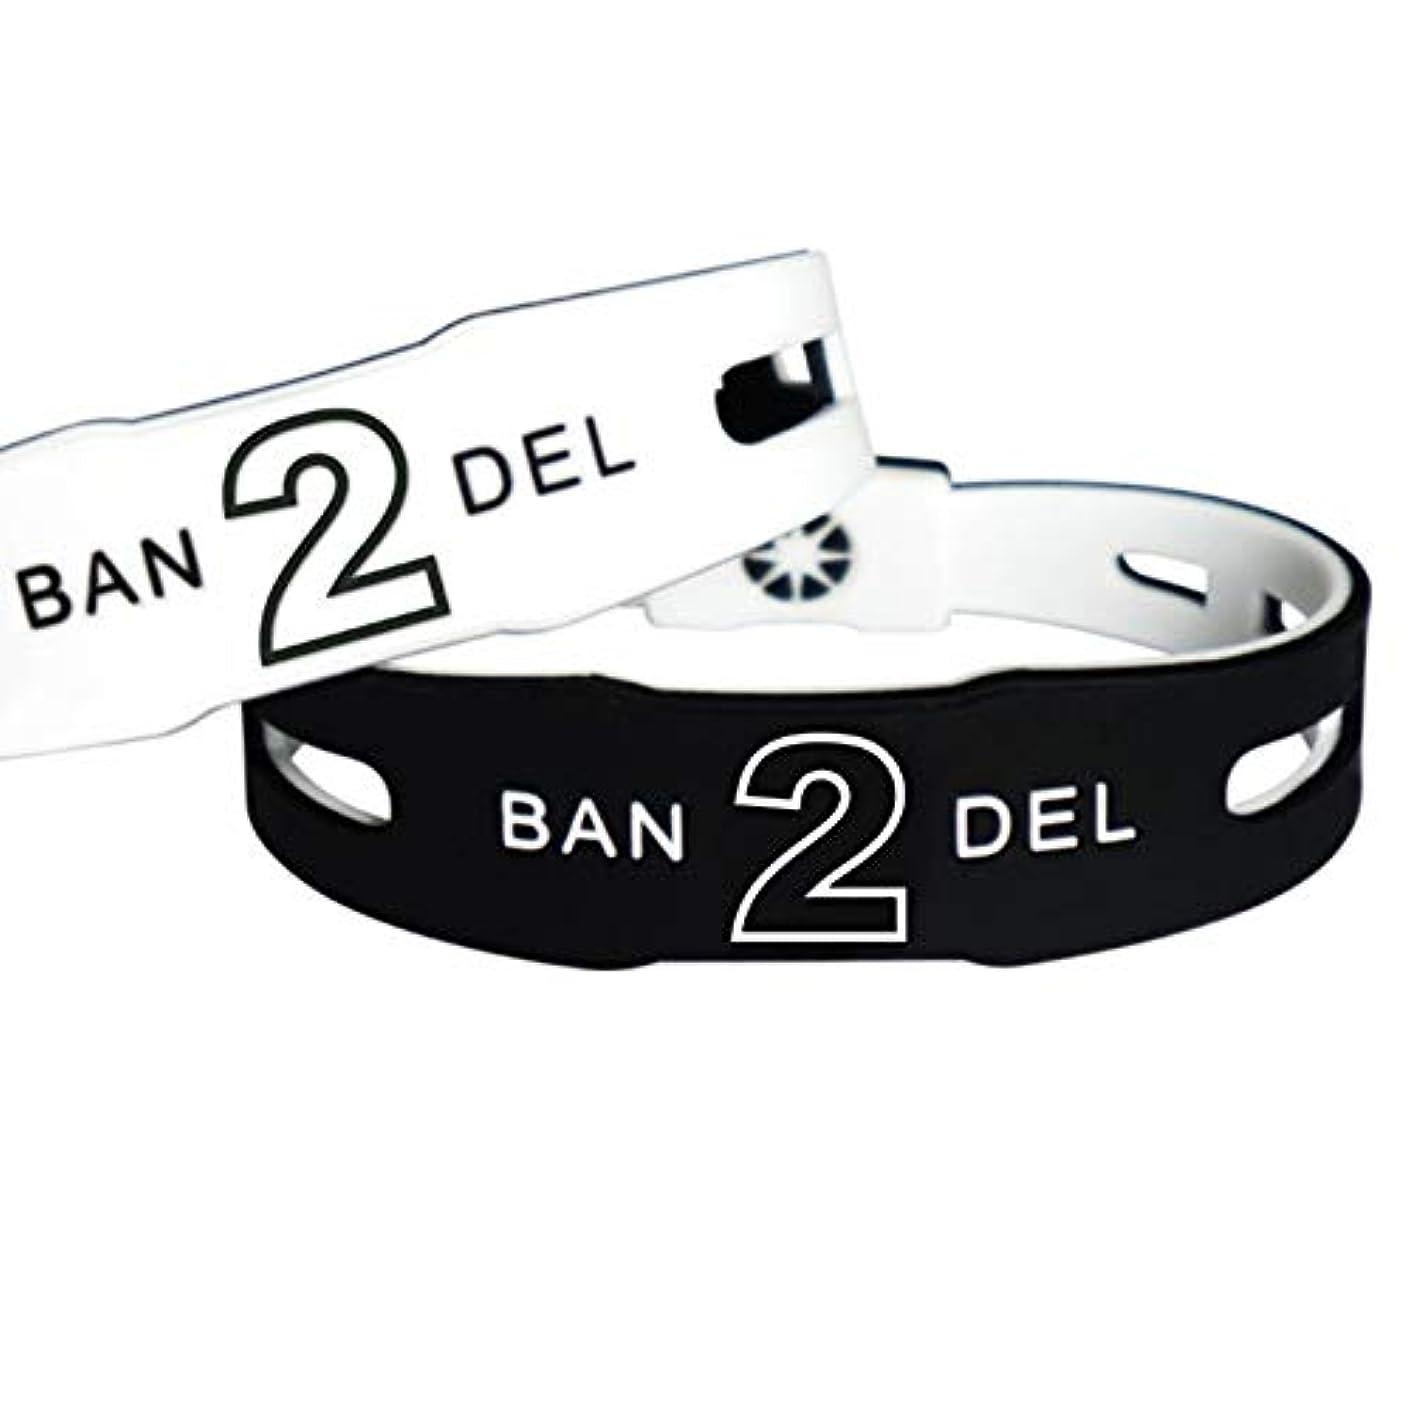 スワップ資源不当バスケットボール用品?アクセサリー[バンデル]ナンバーブレスレット No.2 リバーシブルタイプ(ブラック&ホワイト)LLサイズ(20.5cm)[BANDEL]